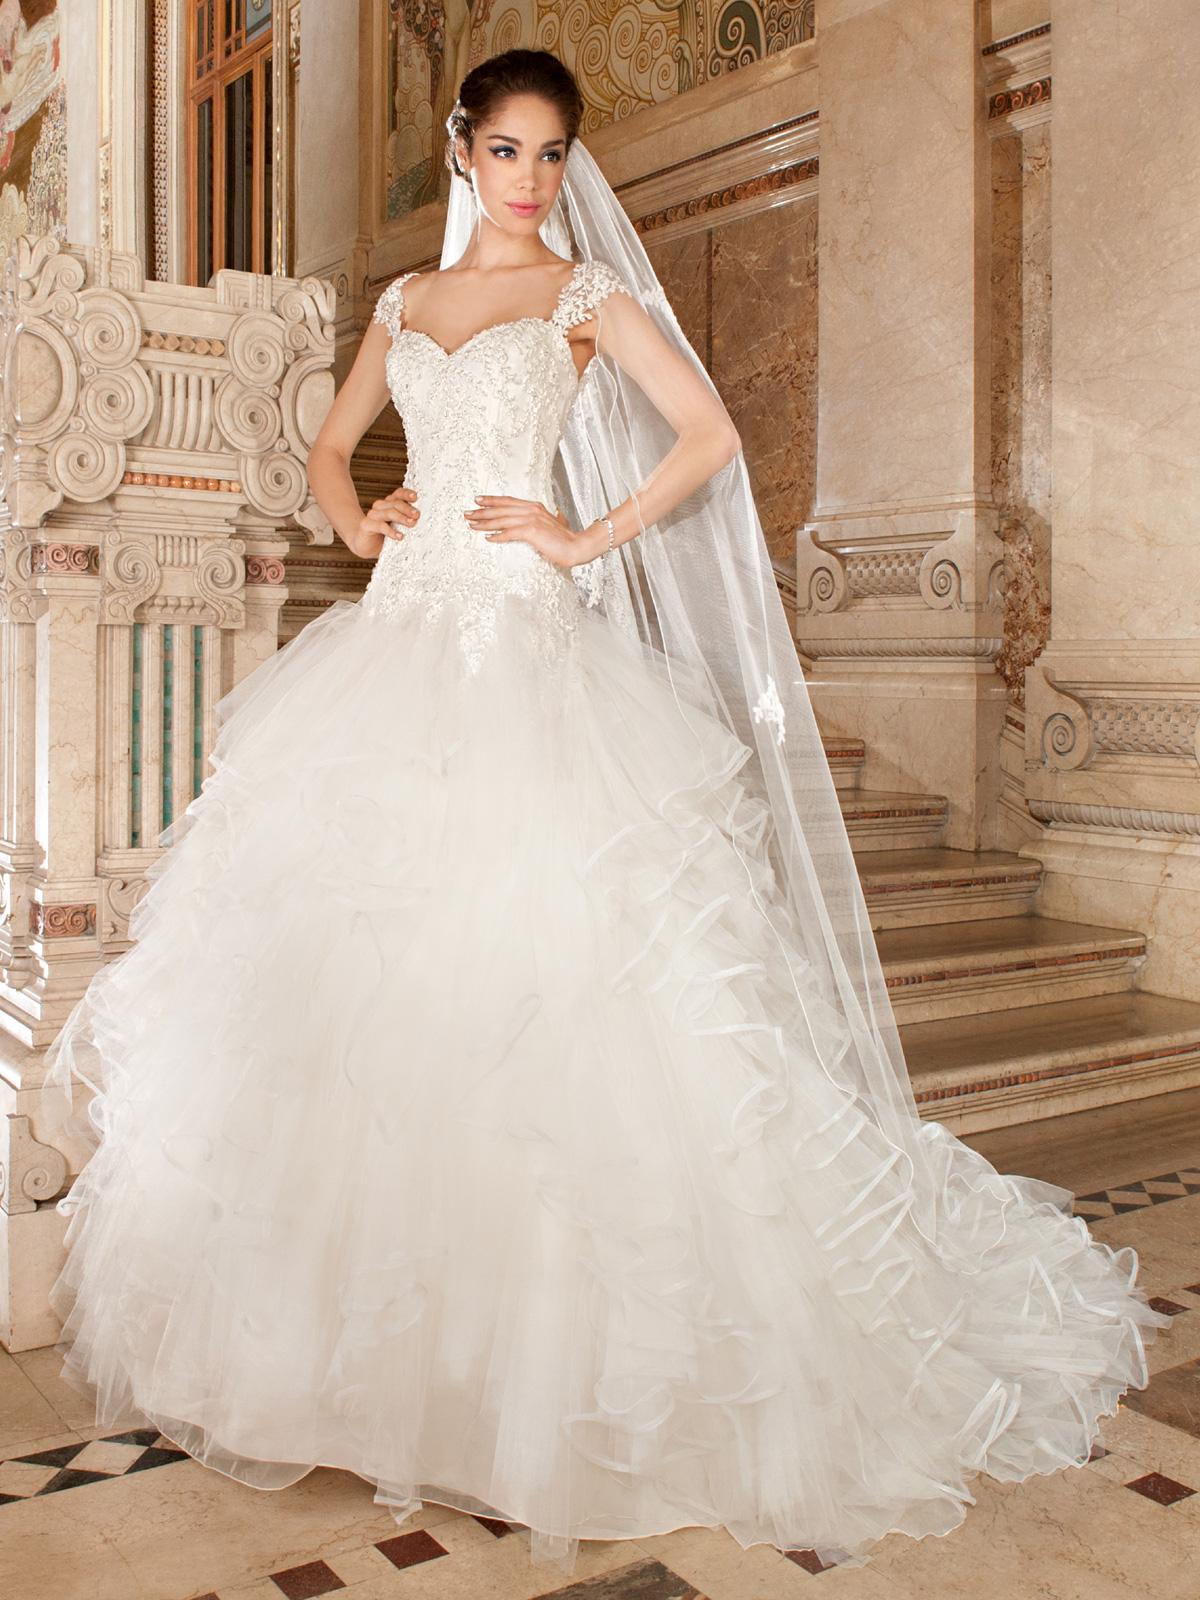 Vestido de Noiva Romântico, decote princesa e corpo todo com aplicações de renda rebordada em pedrarias, saia em camadas de tule em vários tamanhos e cauda.